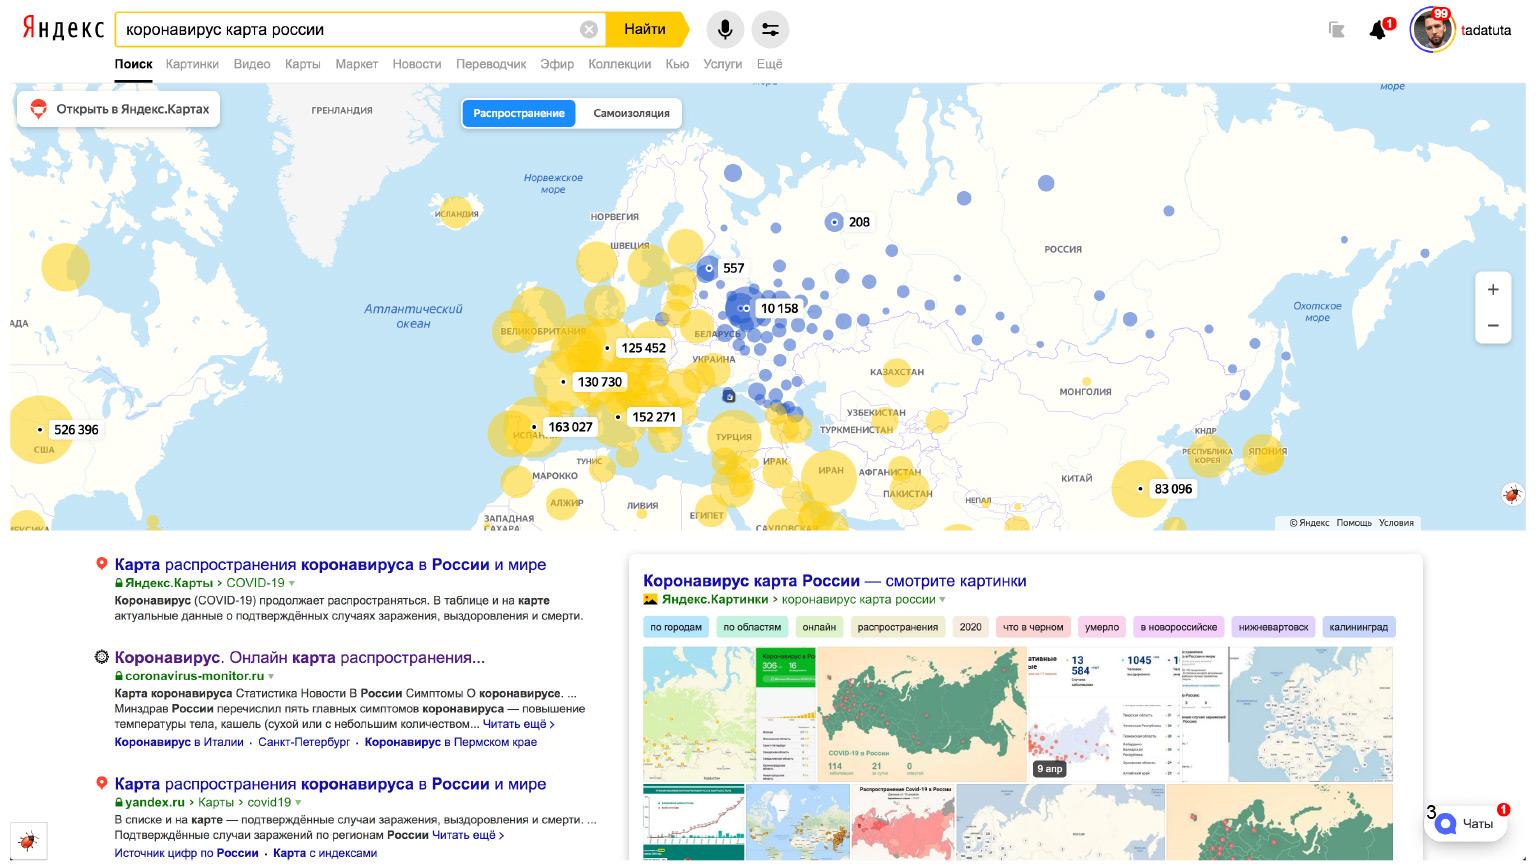 Автоматизация тестирования на максималках. Доклад Яндекса